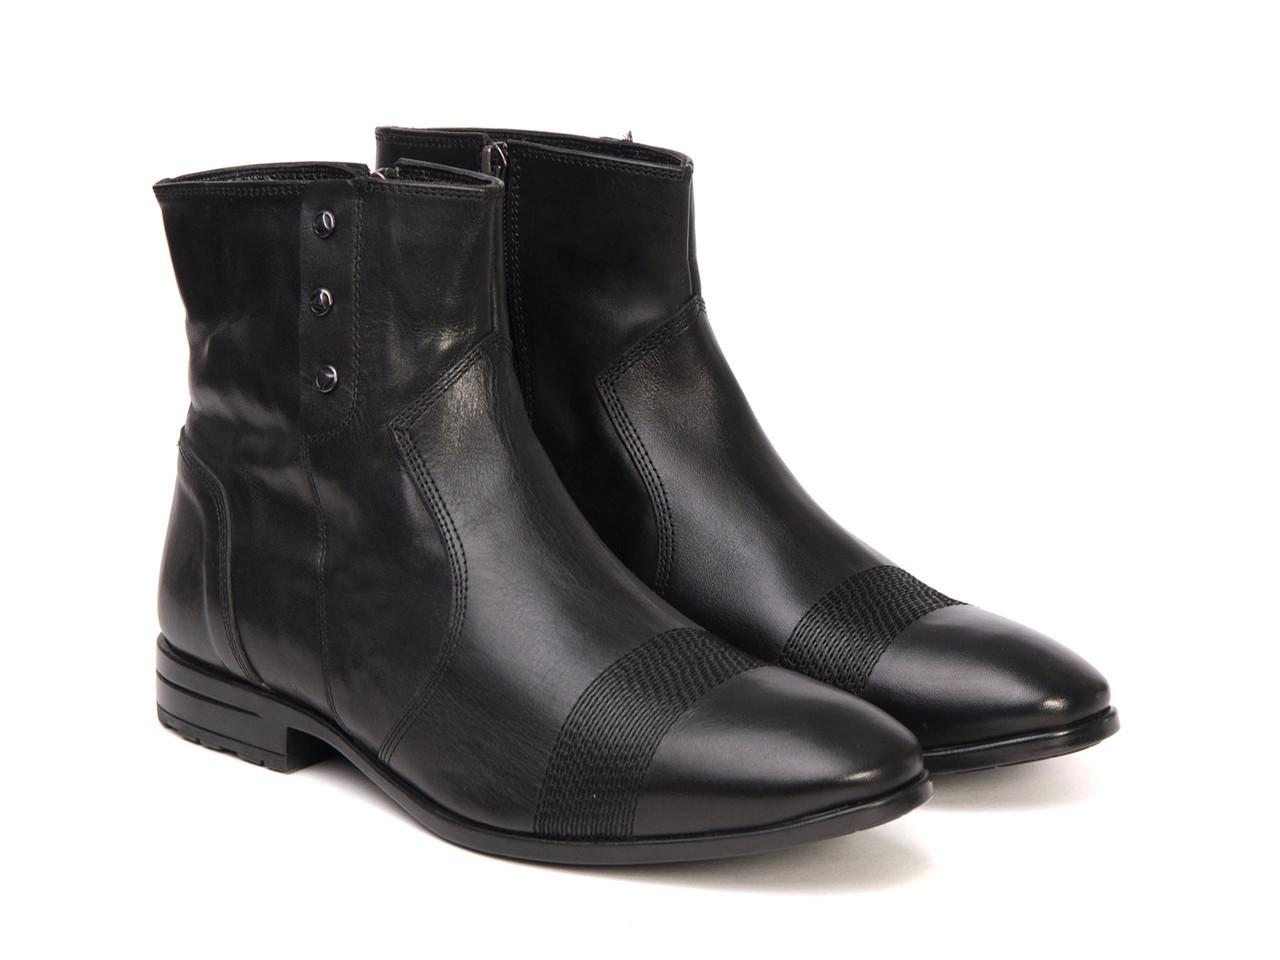 Ботинки Etor 5933-7040 43 черные